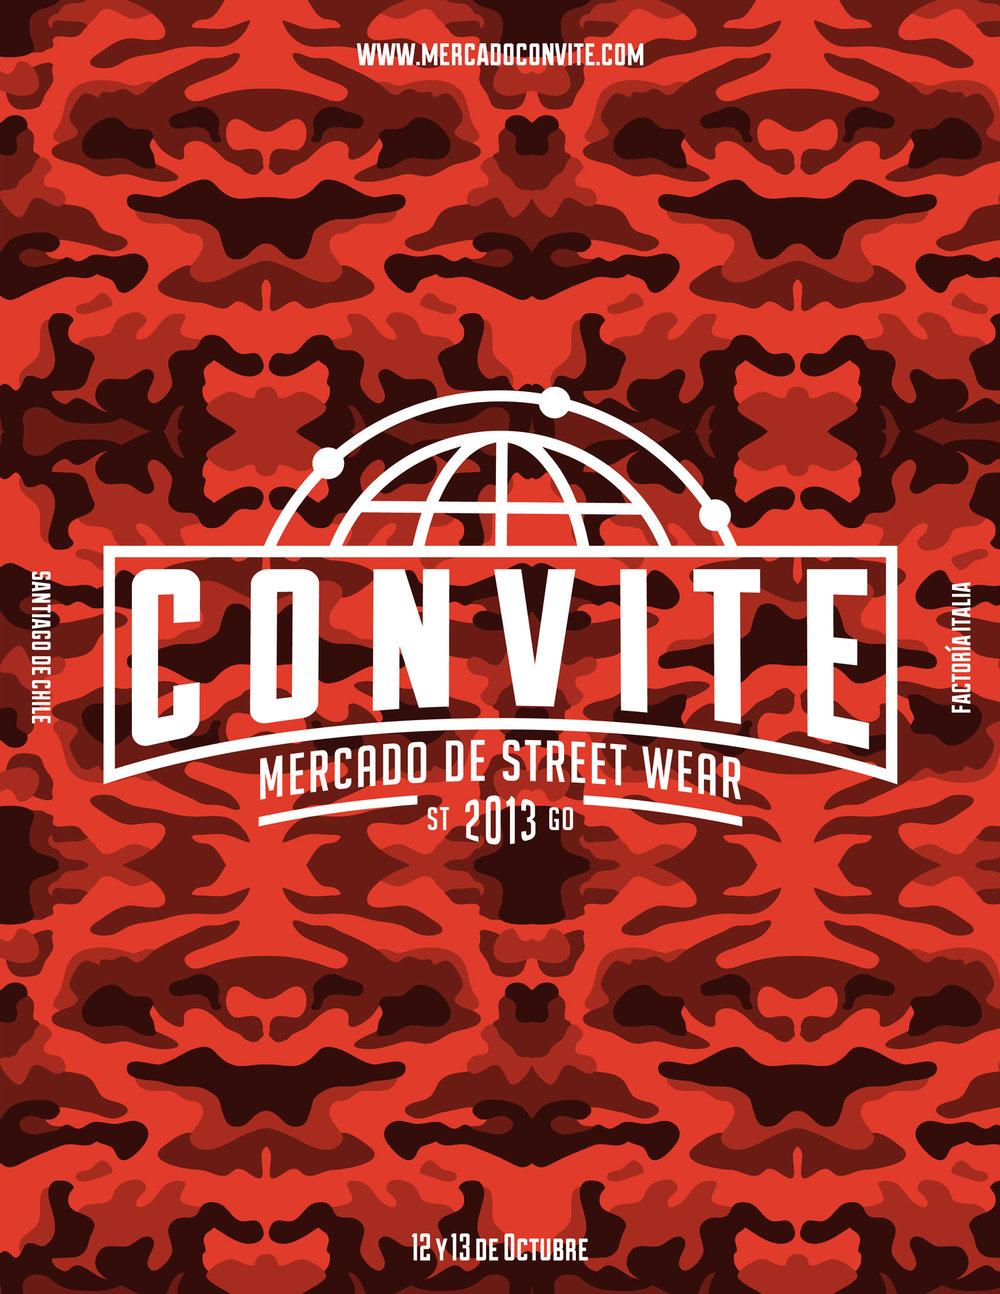 poster-CONVITE.jpg